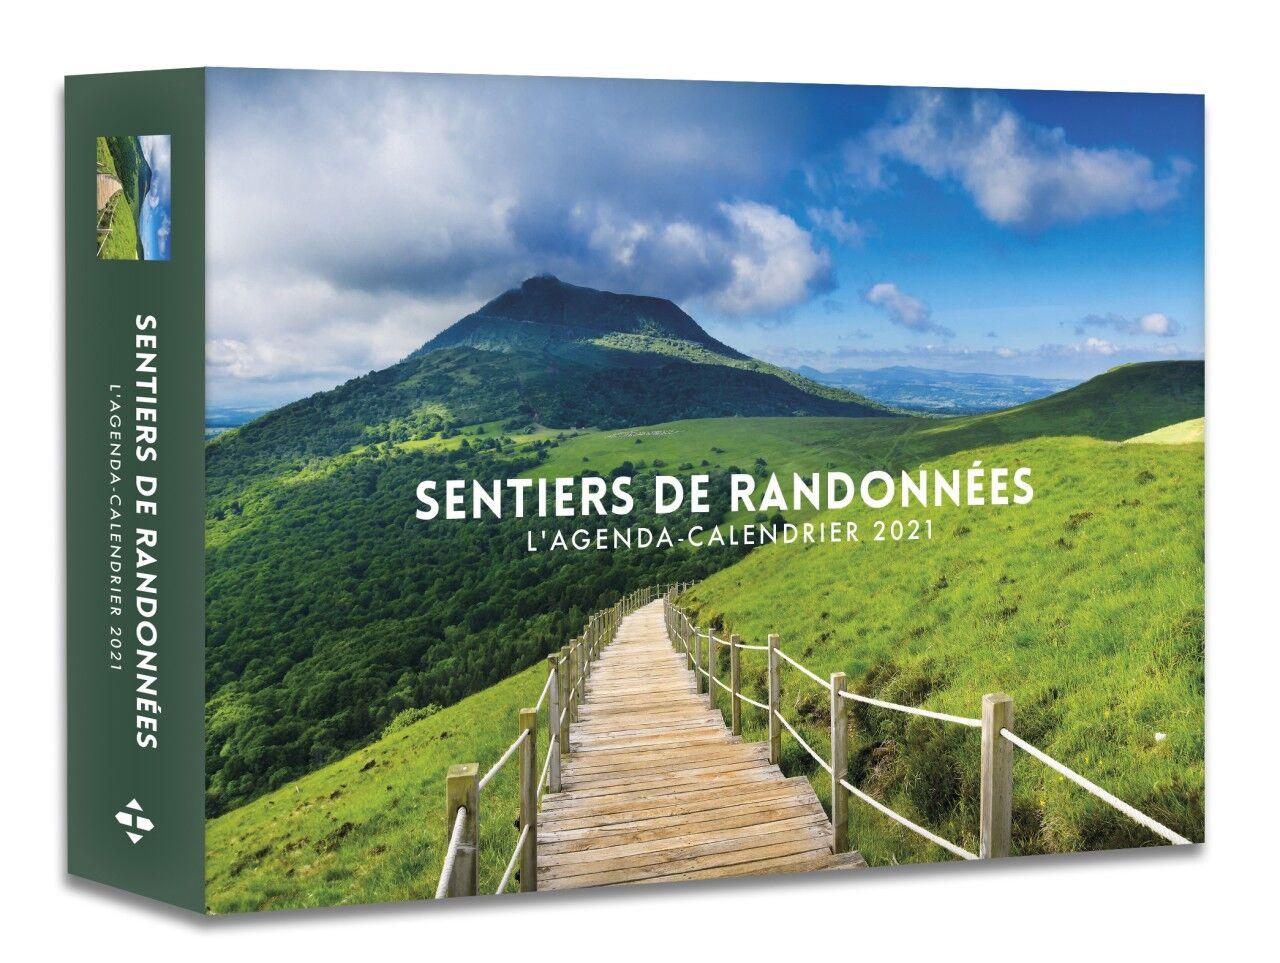 L'Agenda calendrier Sentiers de randonnées 2021 Pas Cher | Bureau